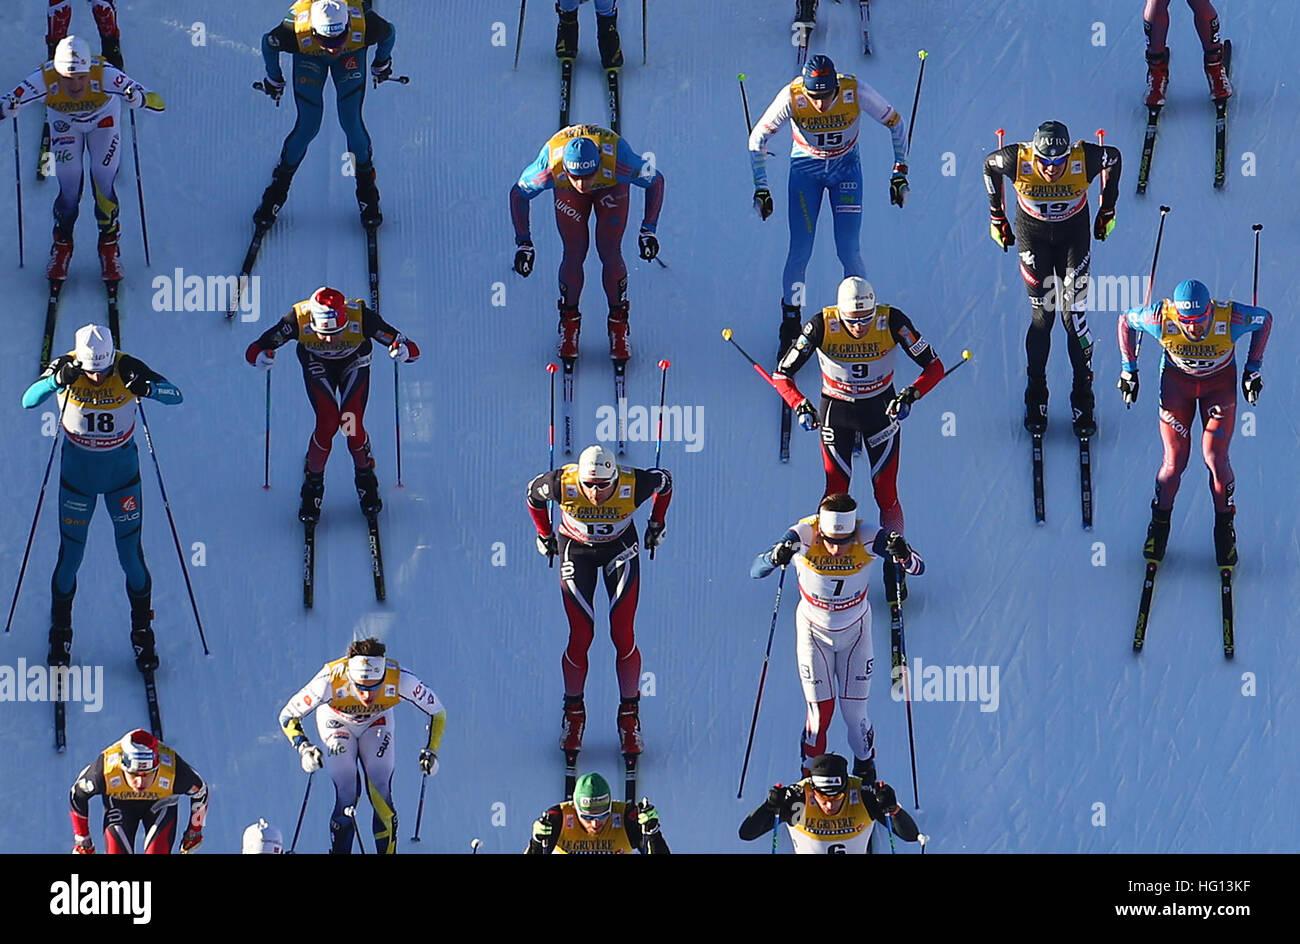 Oberstdorf, na Alemanha. 03.09.2002 Jan, 2017. Os esquiadores de corta-mato em acção durante o FSI Tour Imagens de Stock